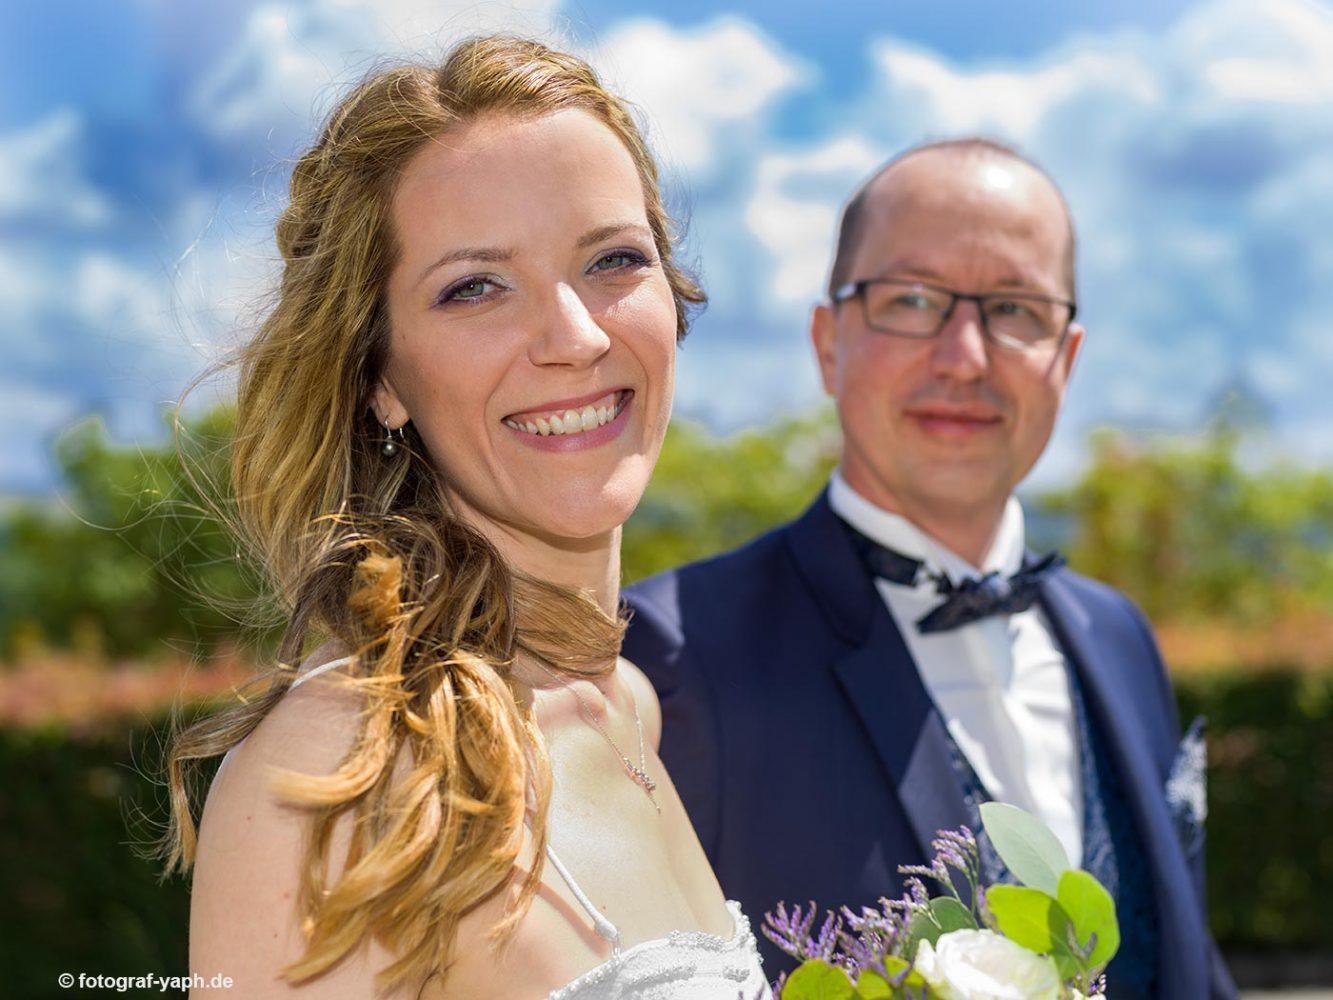 Brautpaarfotoshooting bei Hochzeitsfotograf in Trier Yaph, Petra und Herbert